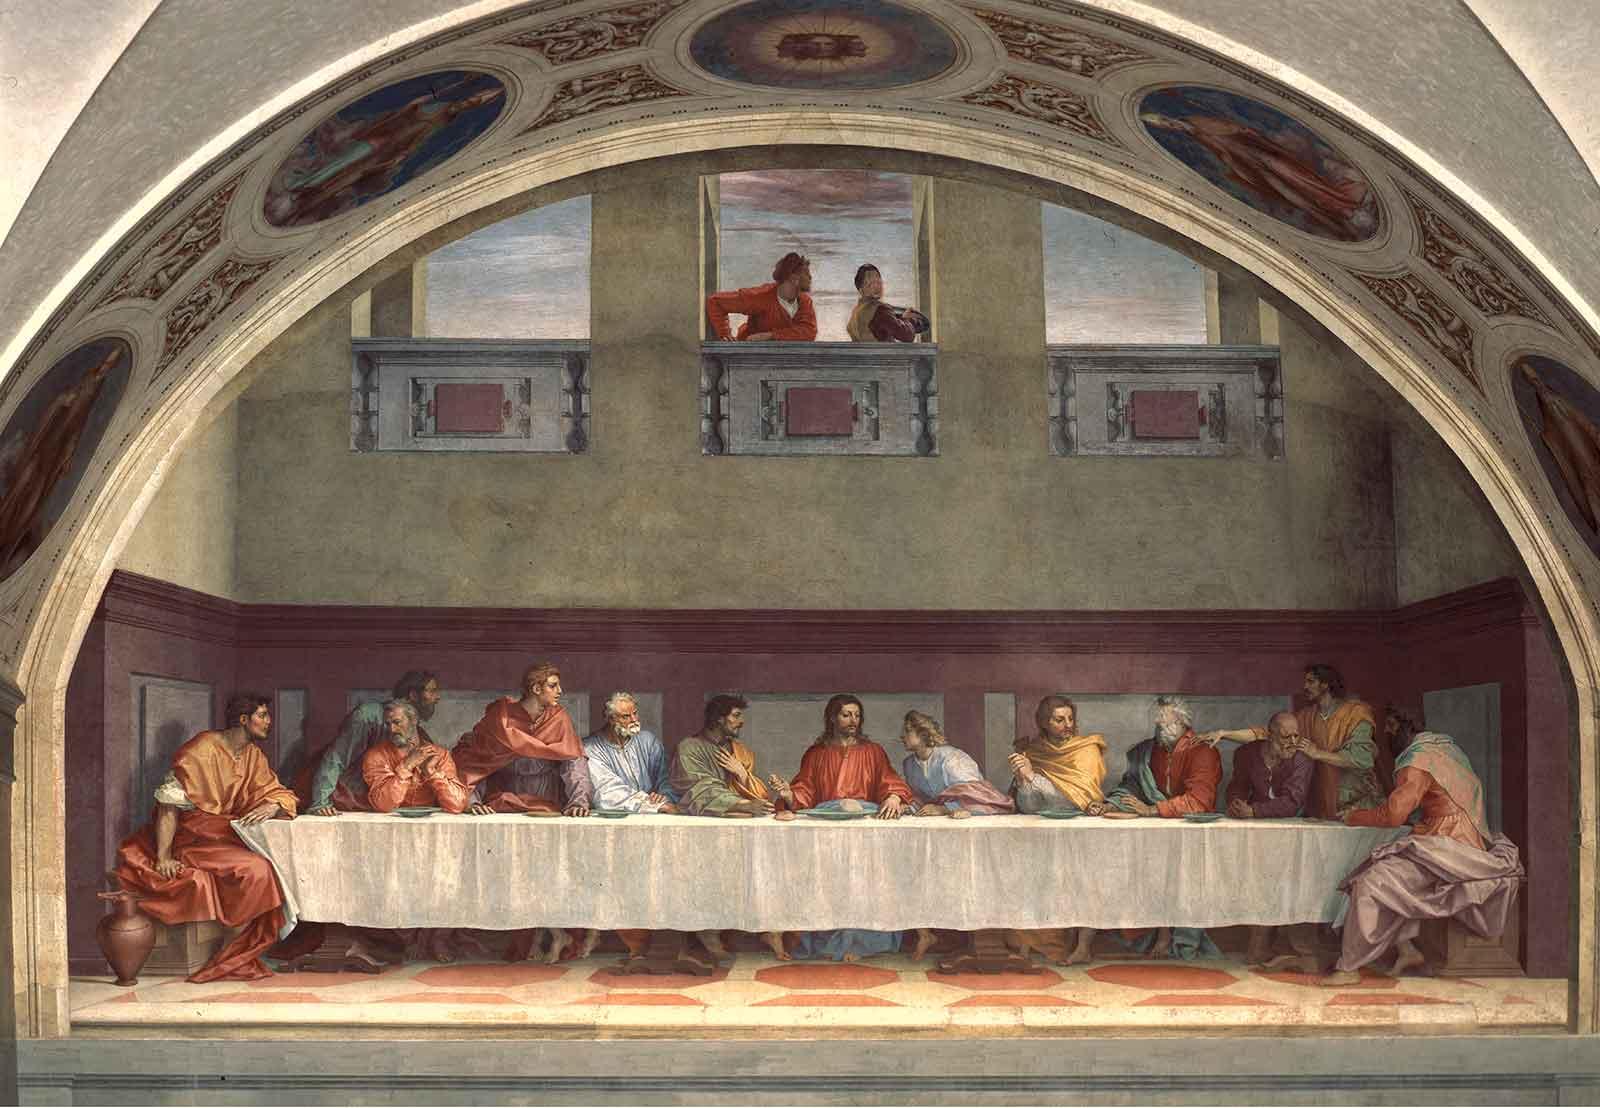 Museo-Cenacolo-Vinciano-Dentro-Il-Cenacolo-Milano-Copie-e-derivazioni-della-Cena-Andrea-del-Sarto-San-Salvi